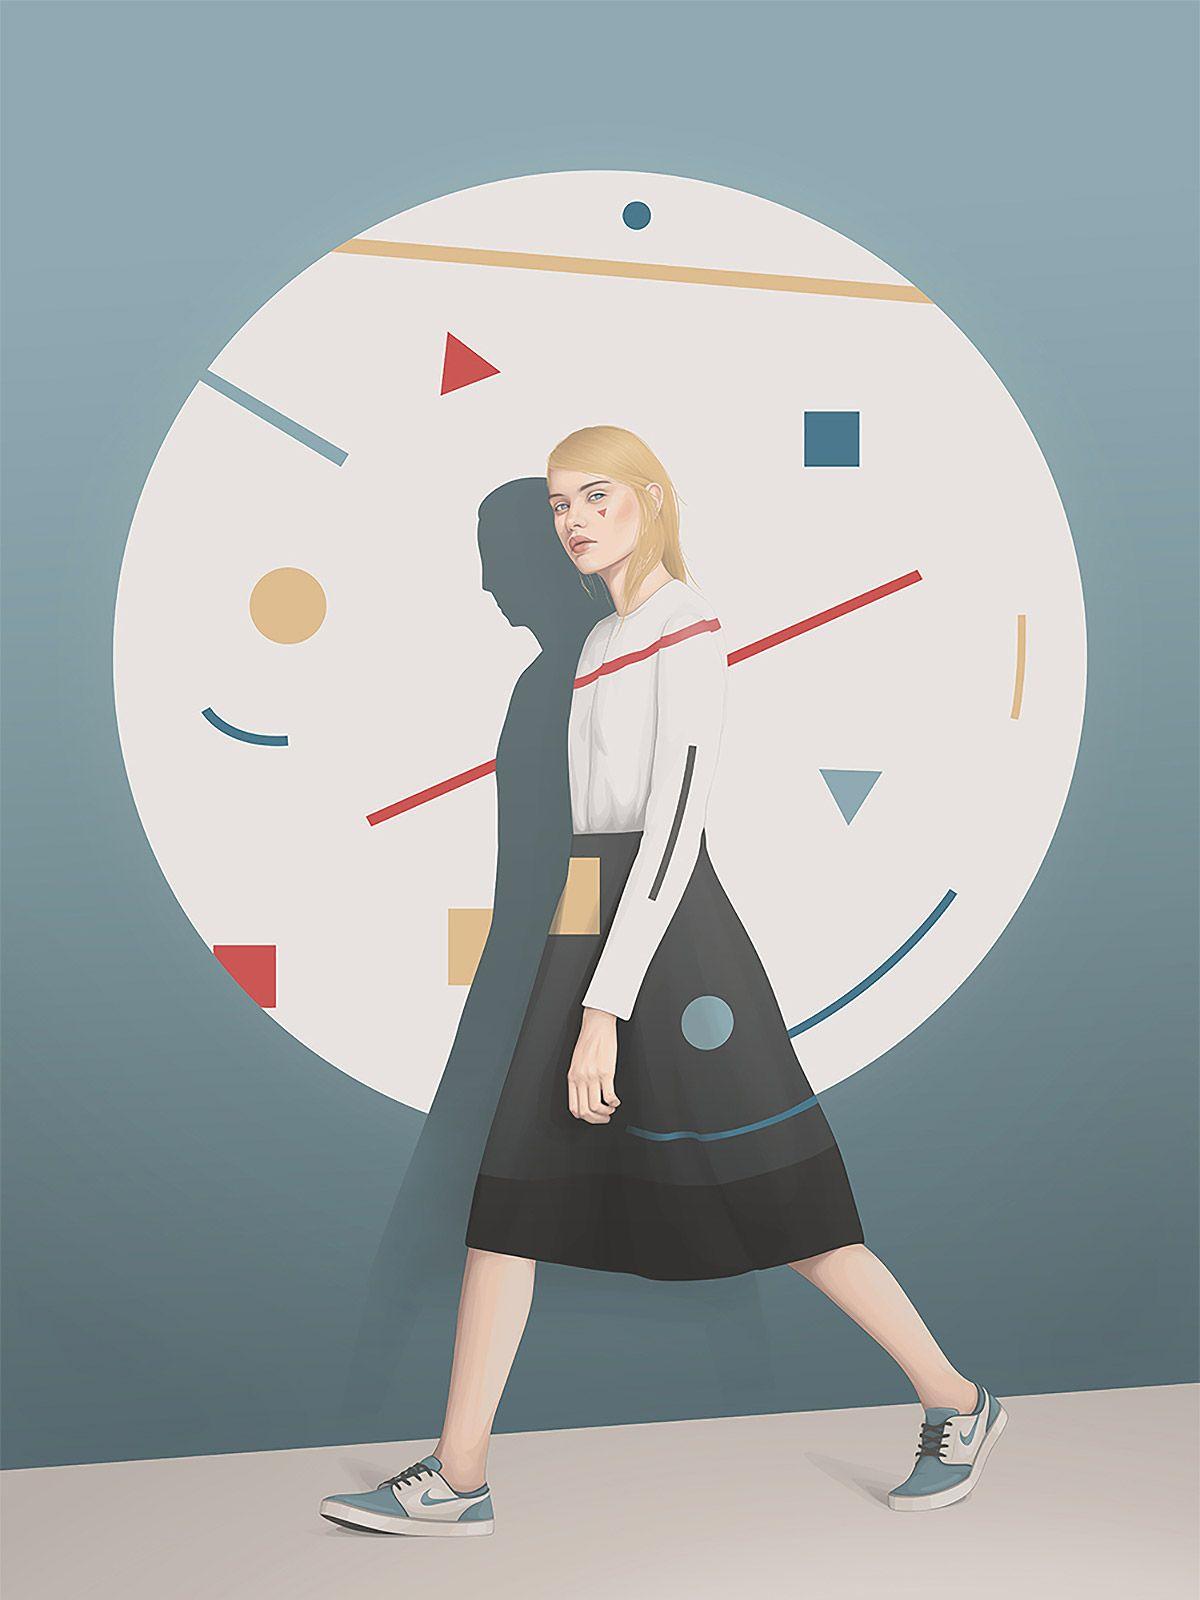 Female Portraits by Yuschav Arly | Inspiration Grid